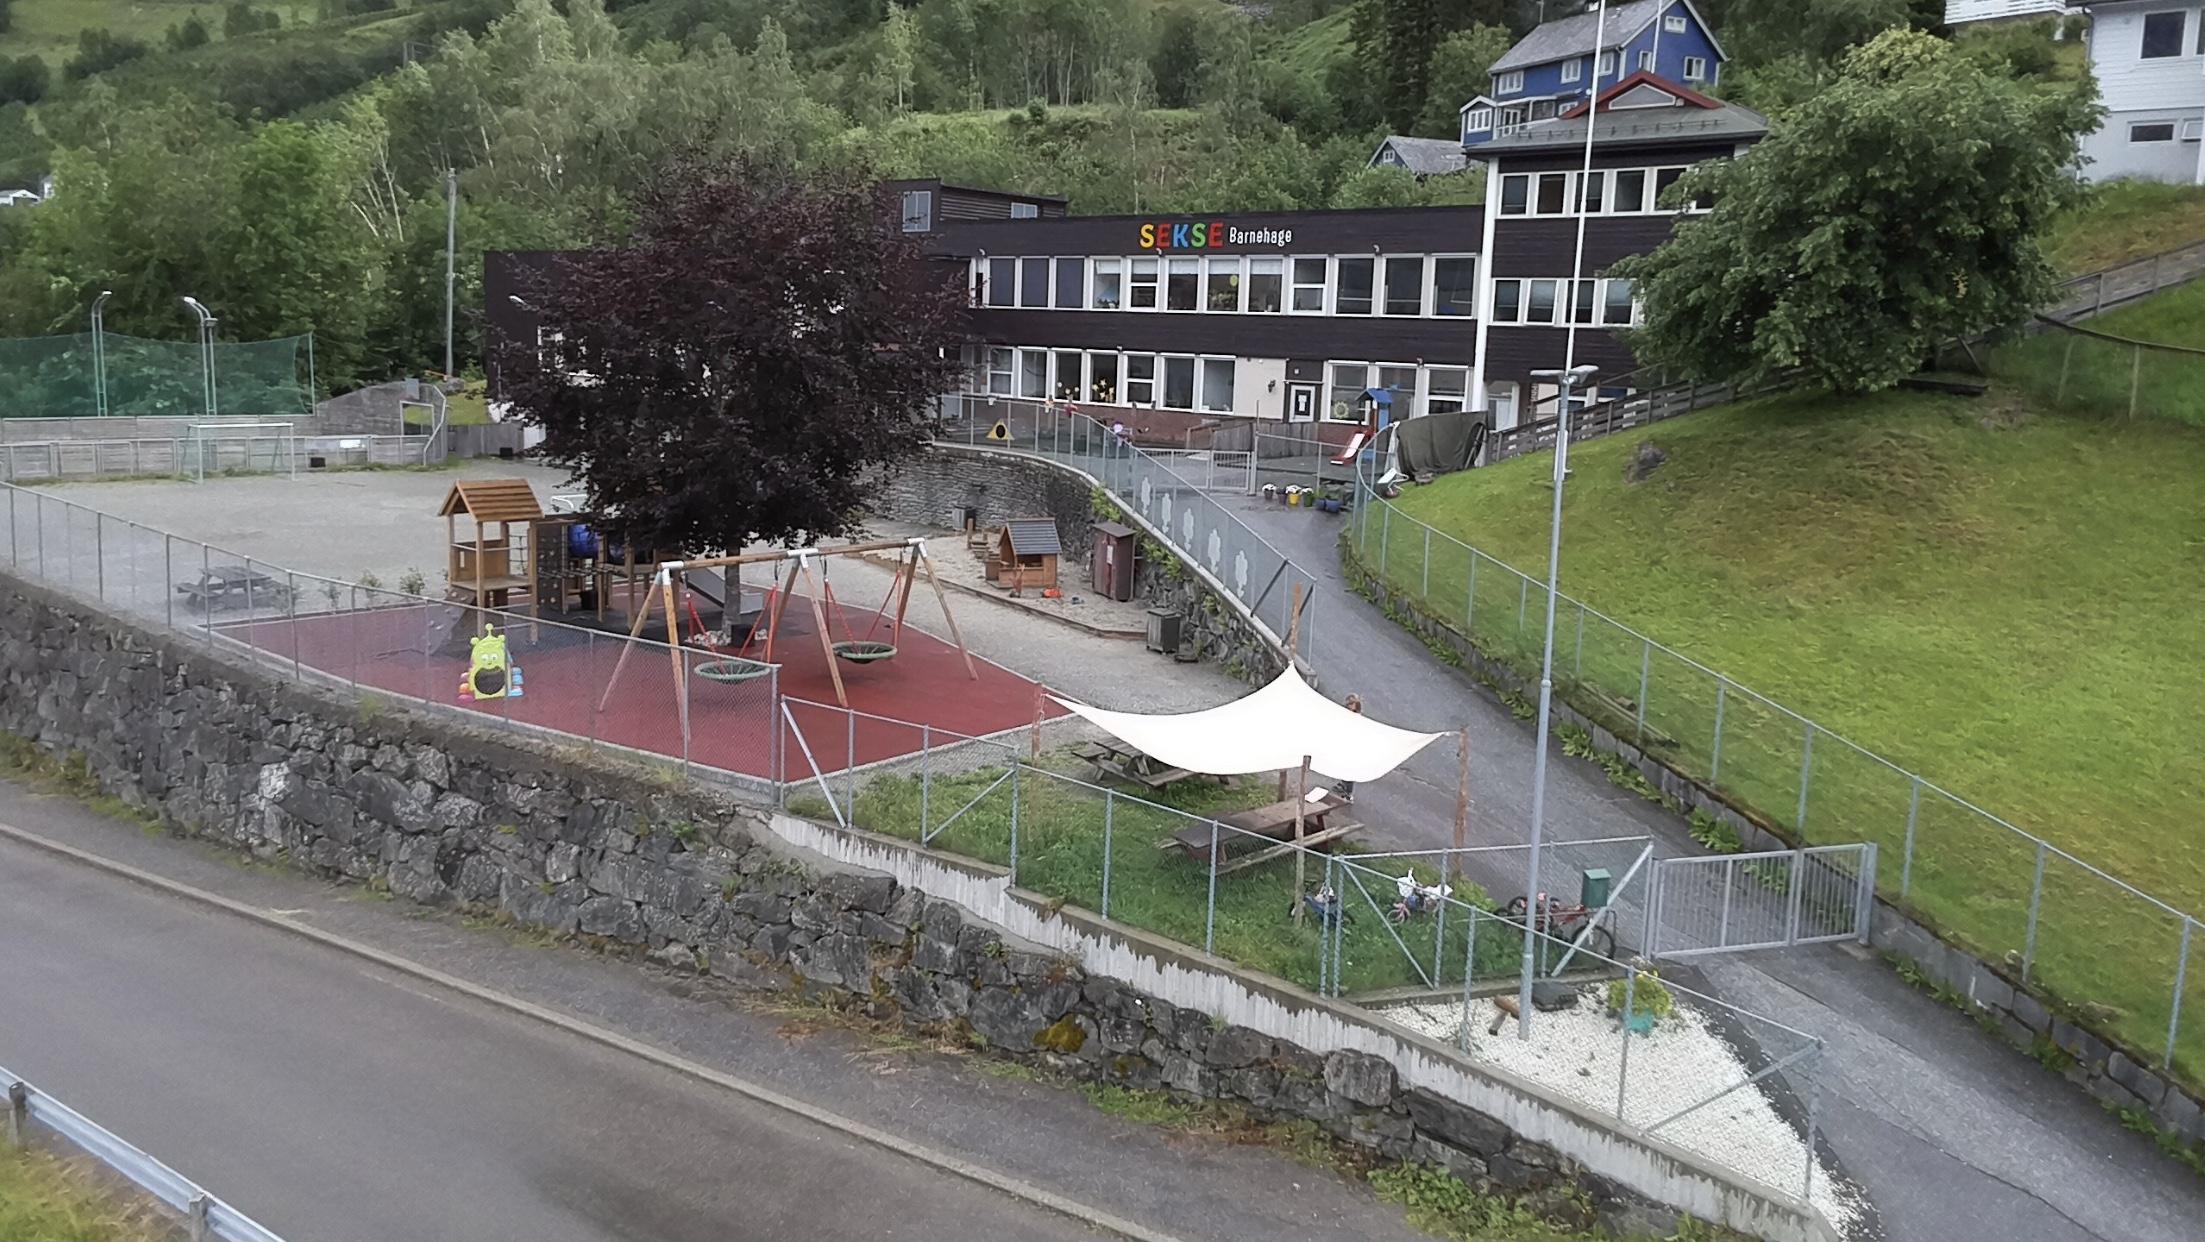 Oversiktsbilete av Sekse barnehage. Foto.